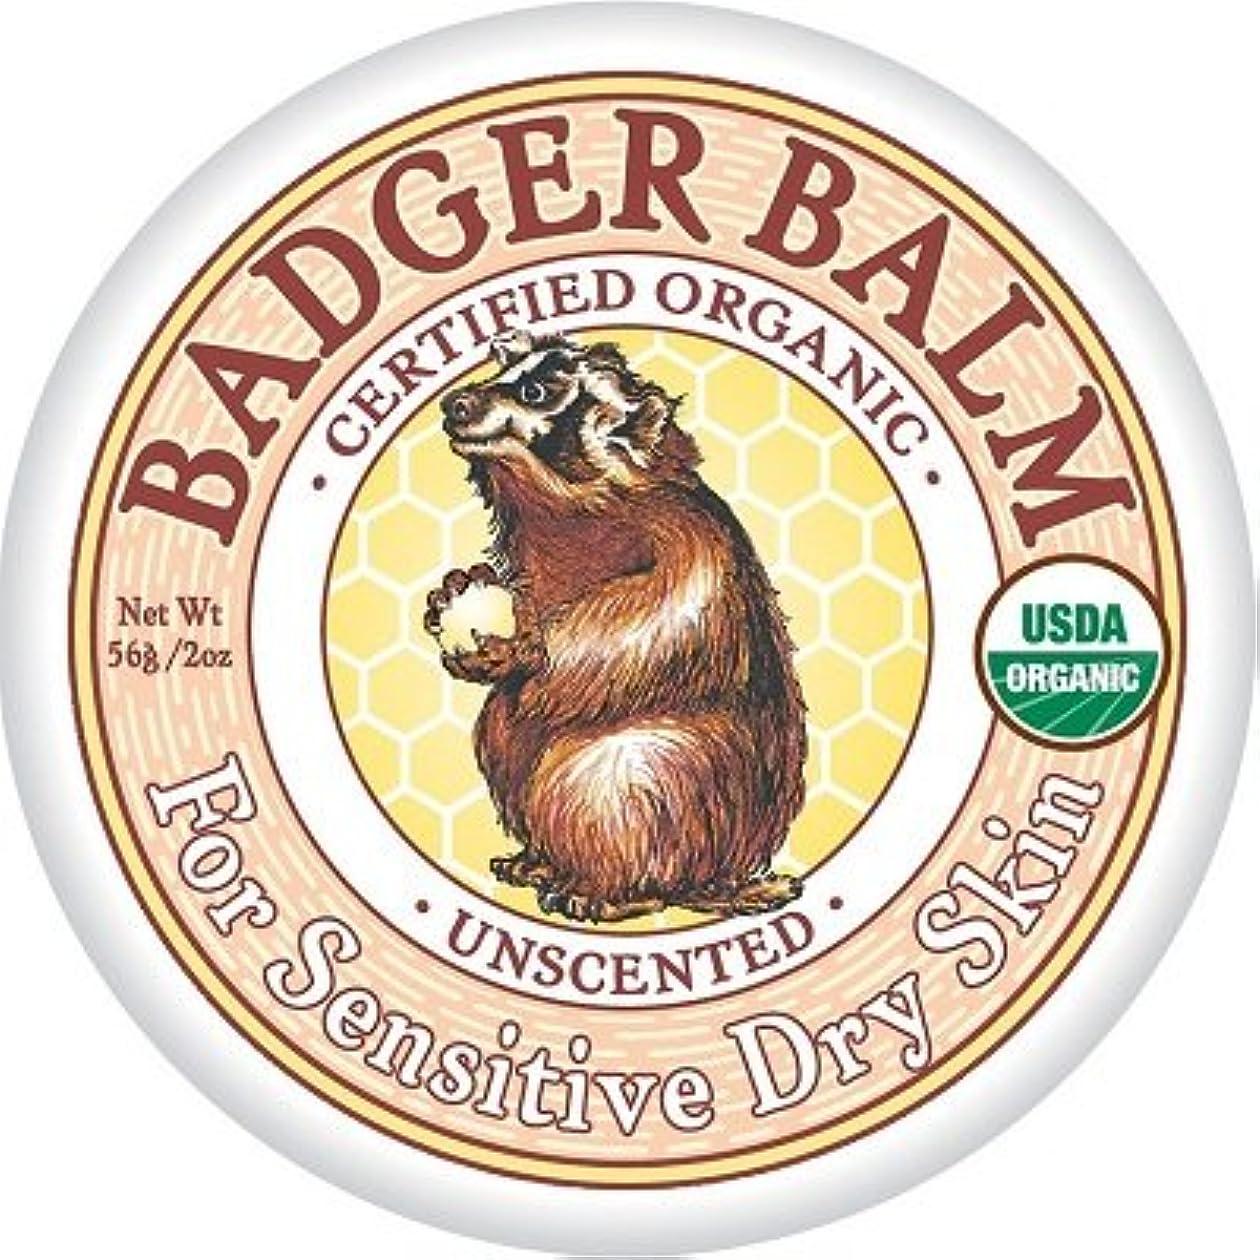 からに変化する音楽を聴く用量Badger バジャー ヒーリングバーム (無香料)56g【海外直送品】【並行輸入品】